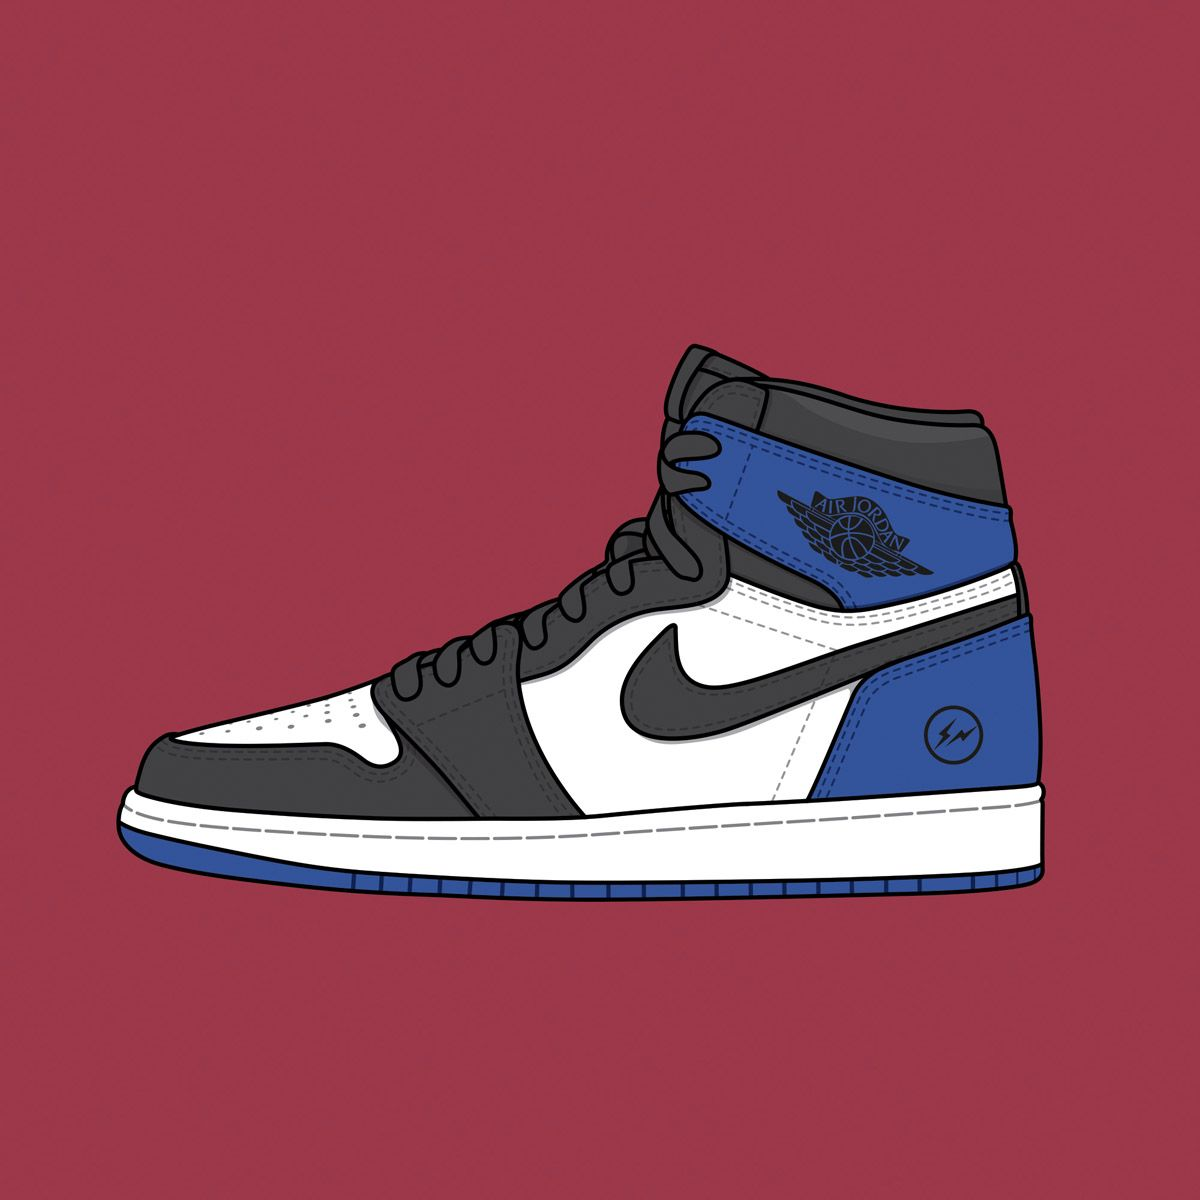 e81453e4528c Nike Air Jordan 1 Resell Values: A Full Ranking